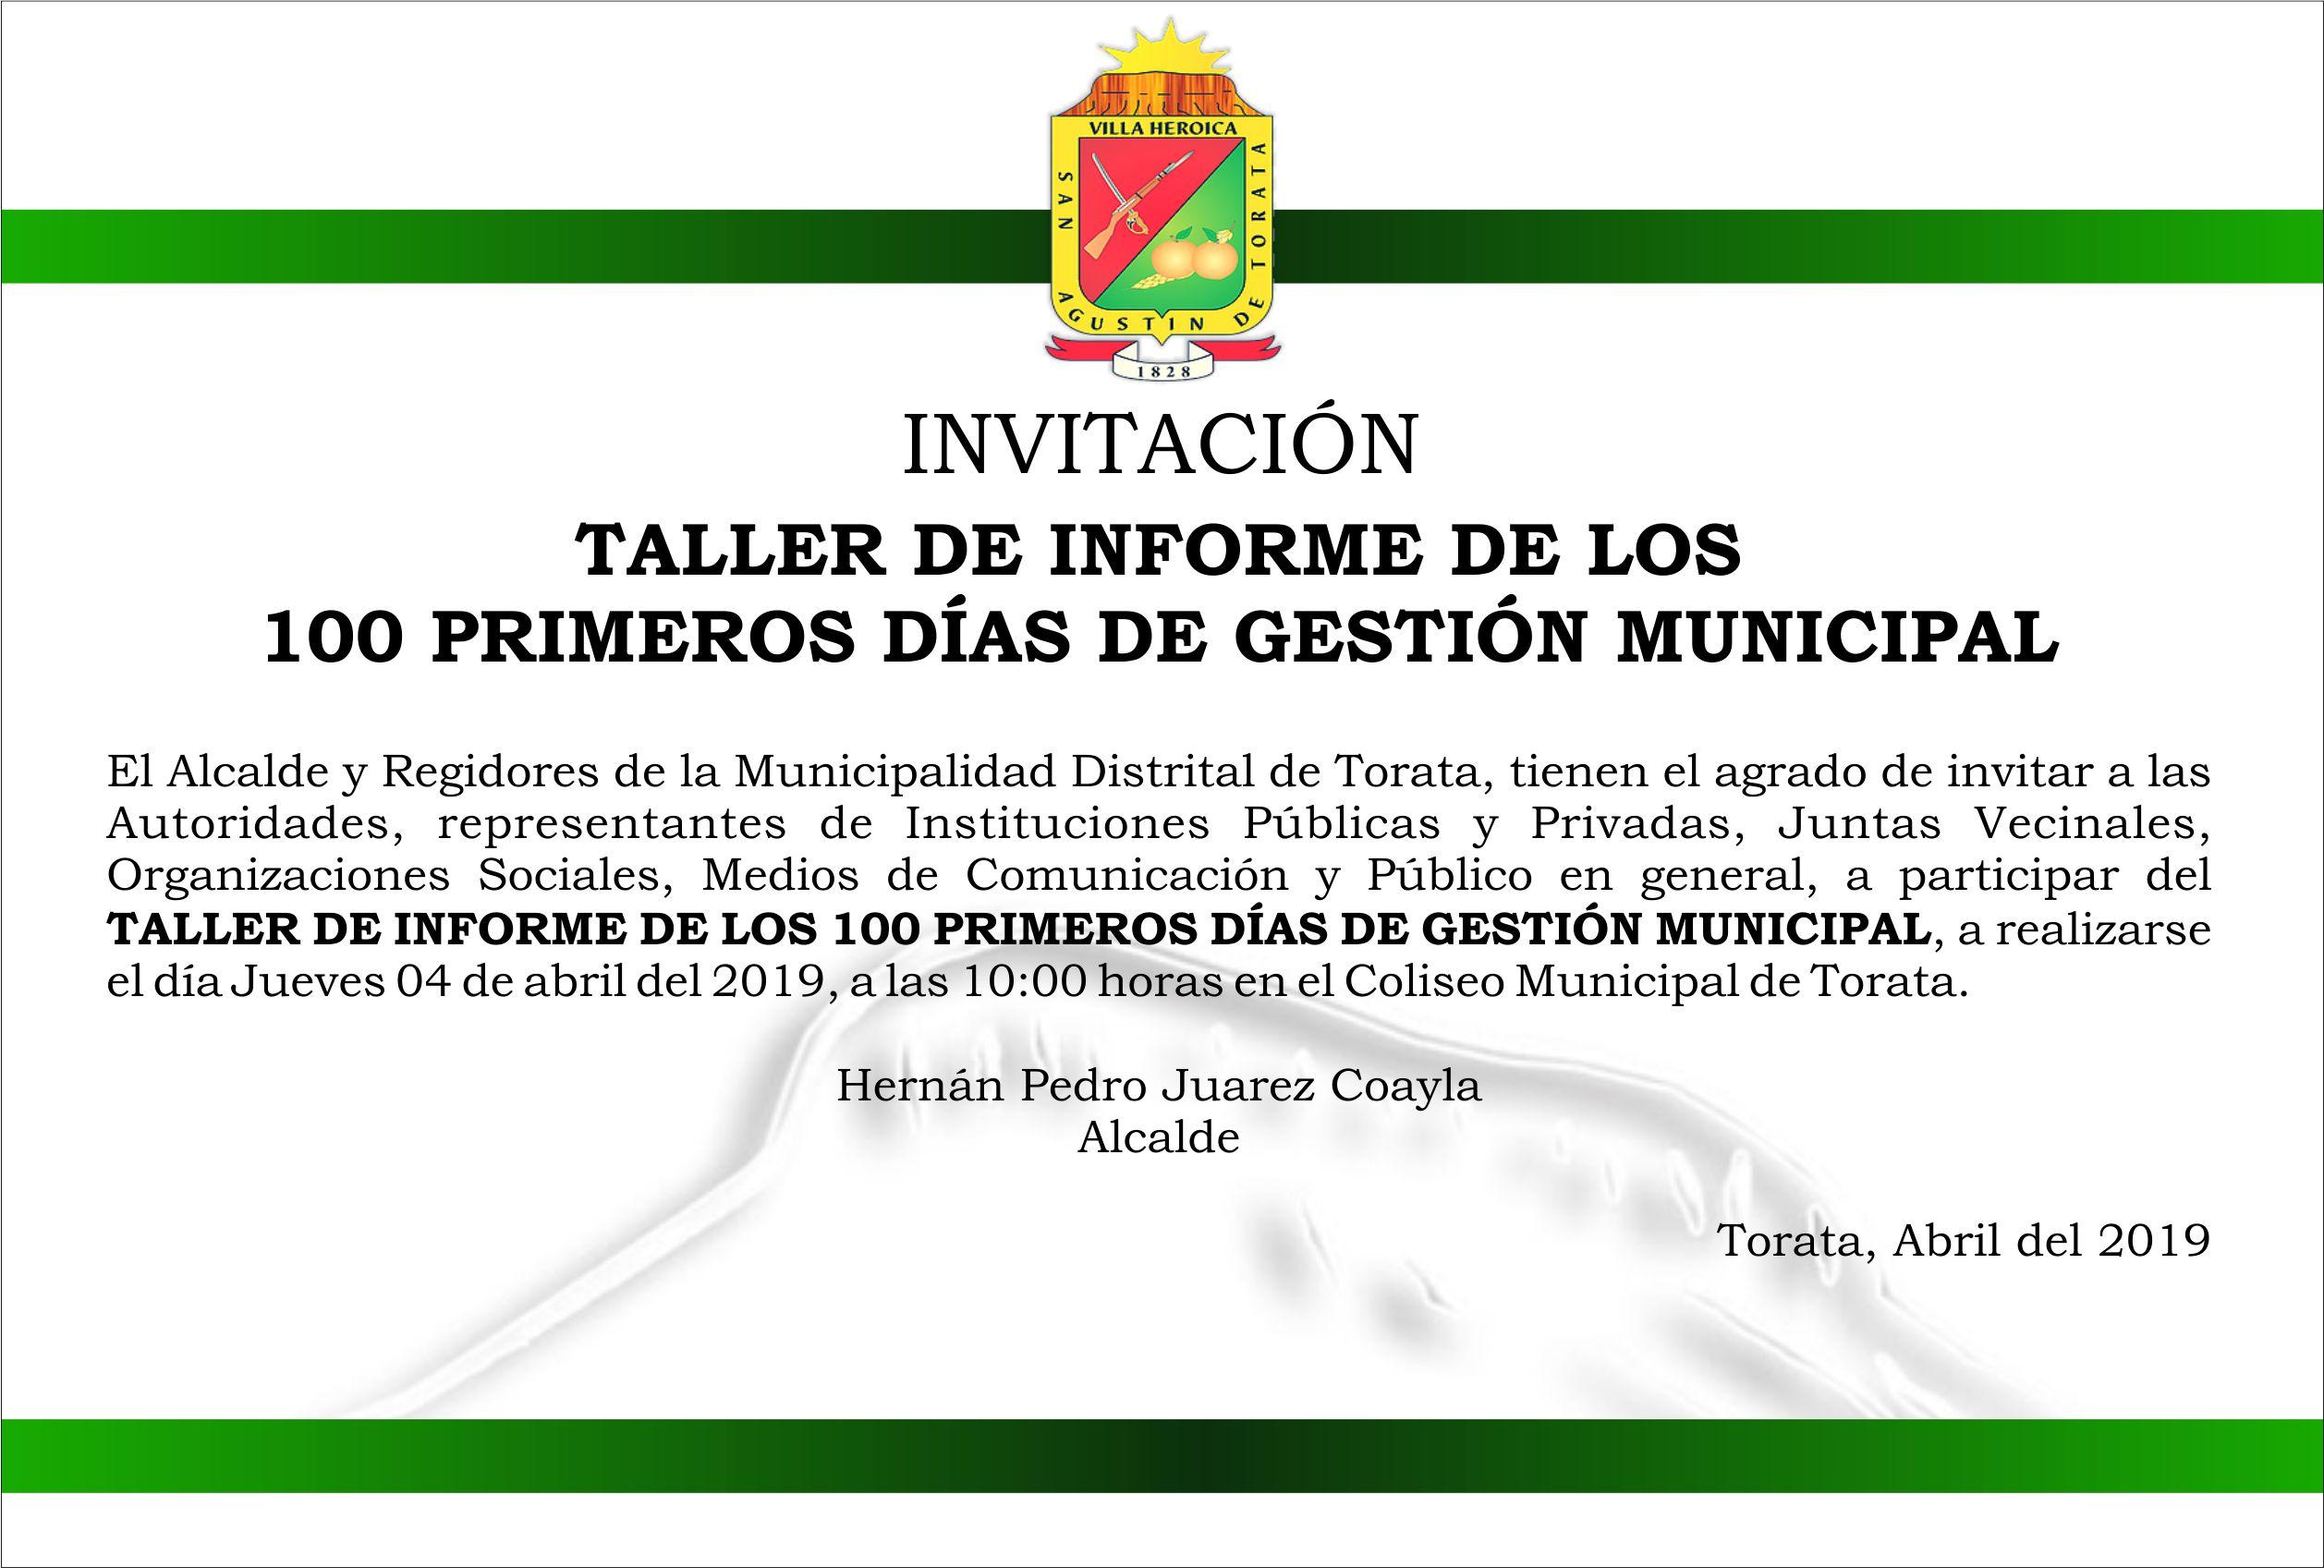 INVITACIÓN AL TALLER DE INFORME DE LOS 100 PRIMEROS DÍAS DE GESTIÓN MUNICIPAL EN TORATA